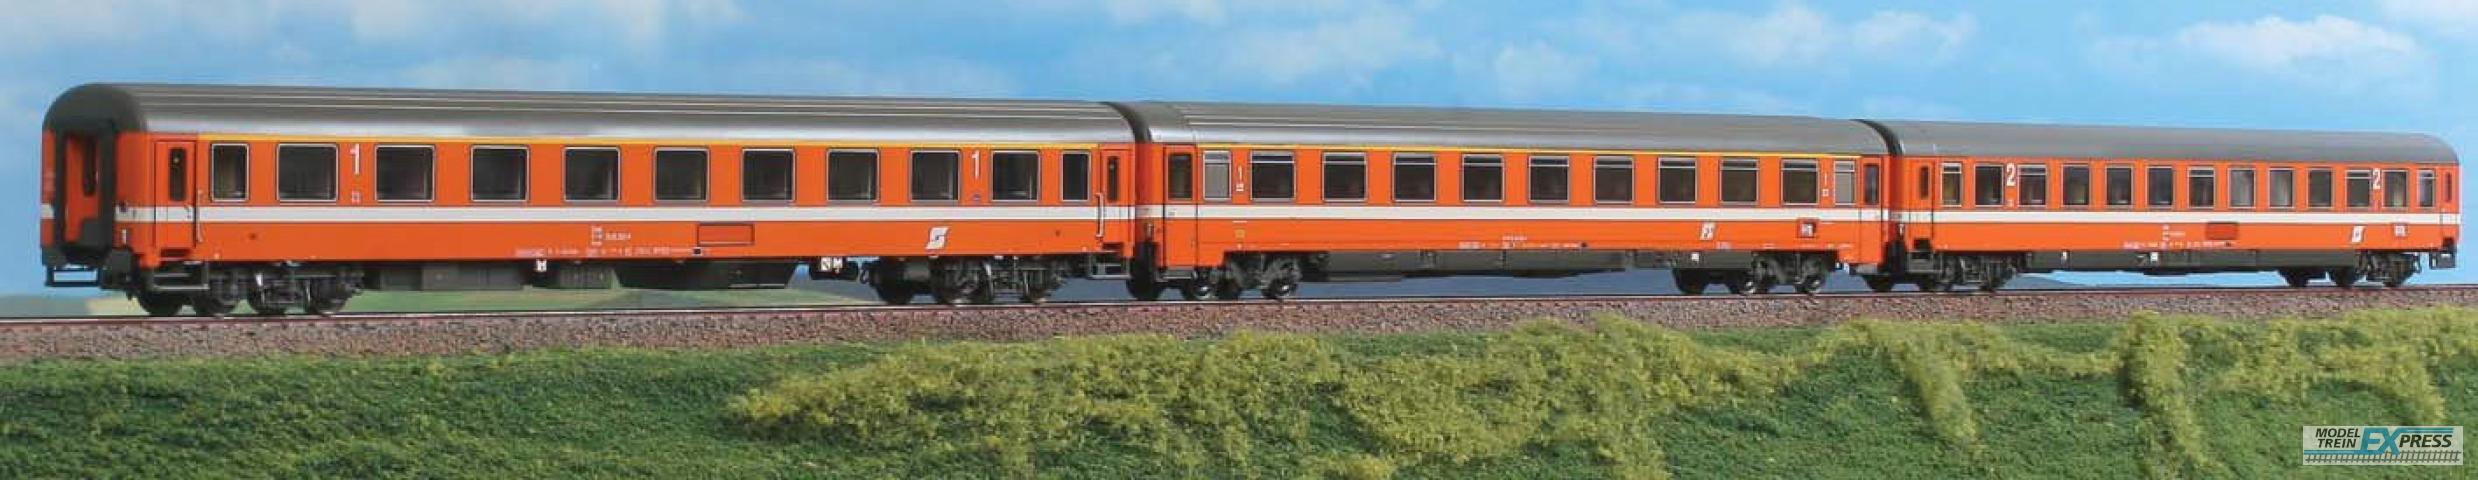 ACME 55206